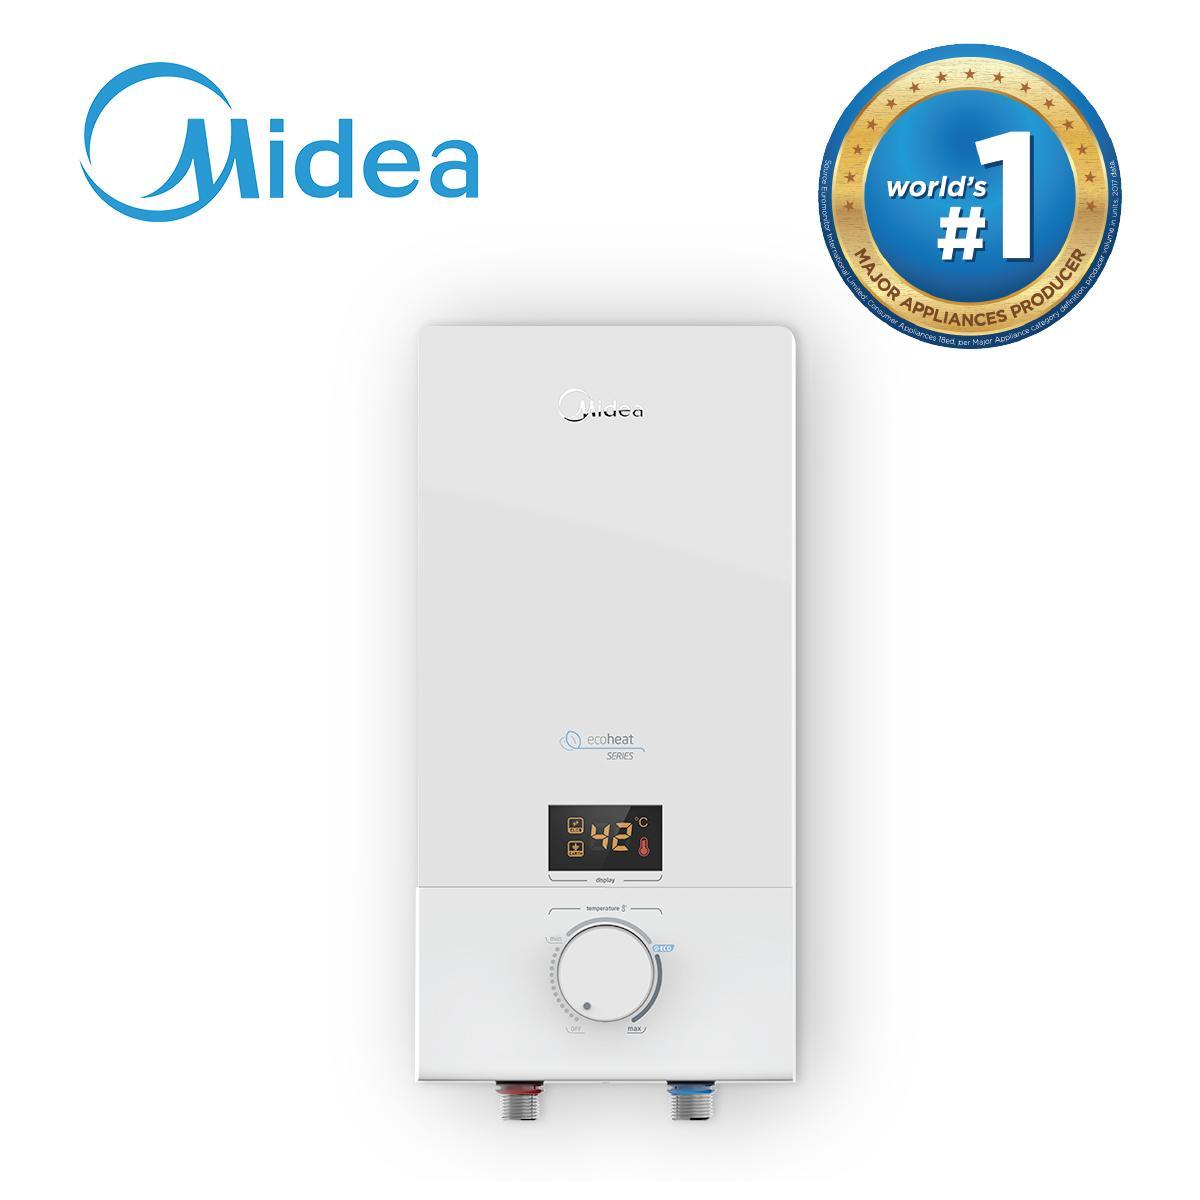 Midea FP-67WTR380WMTM-W1 Digital Water Heater